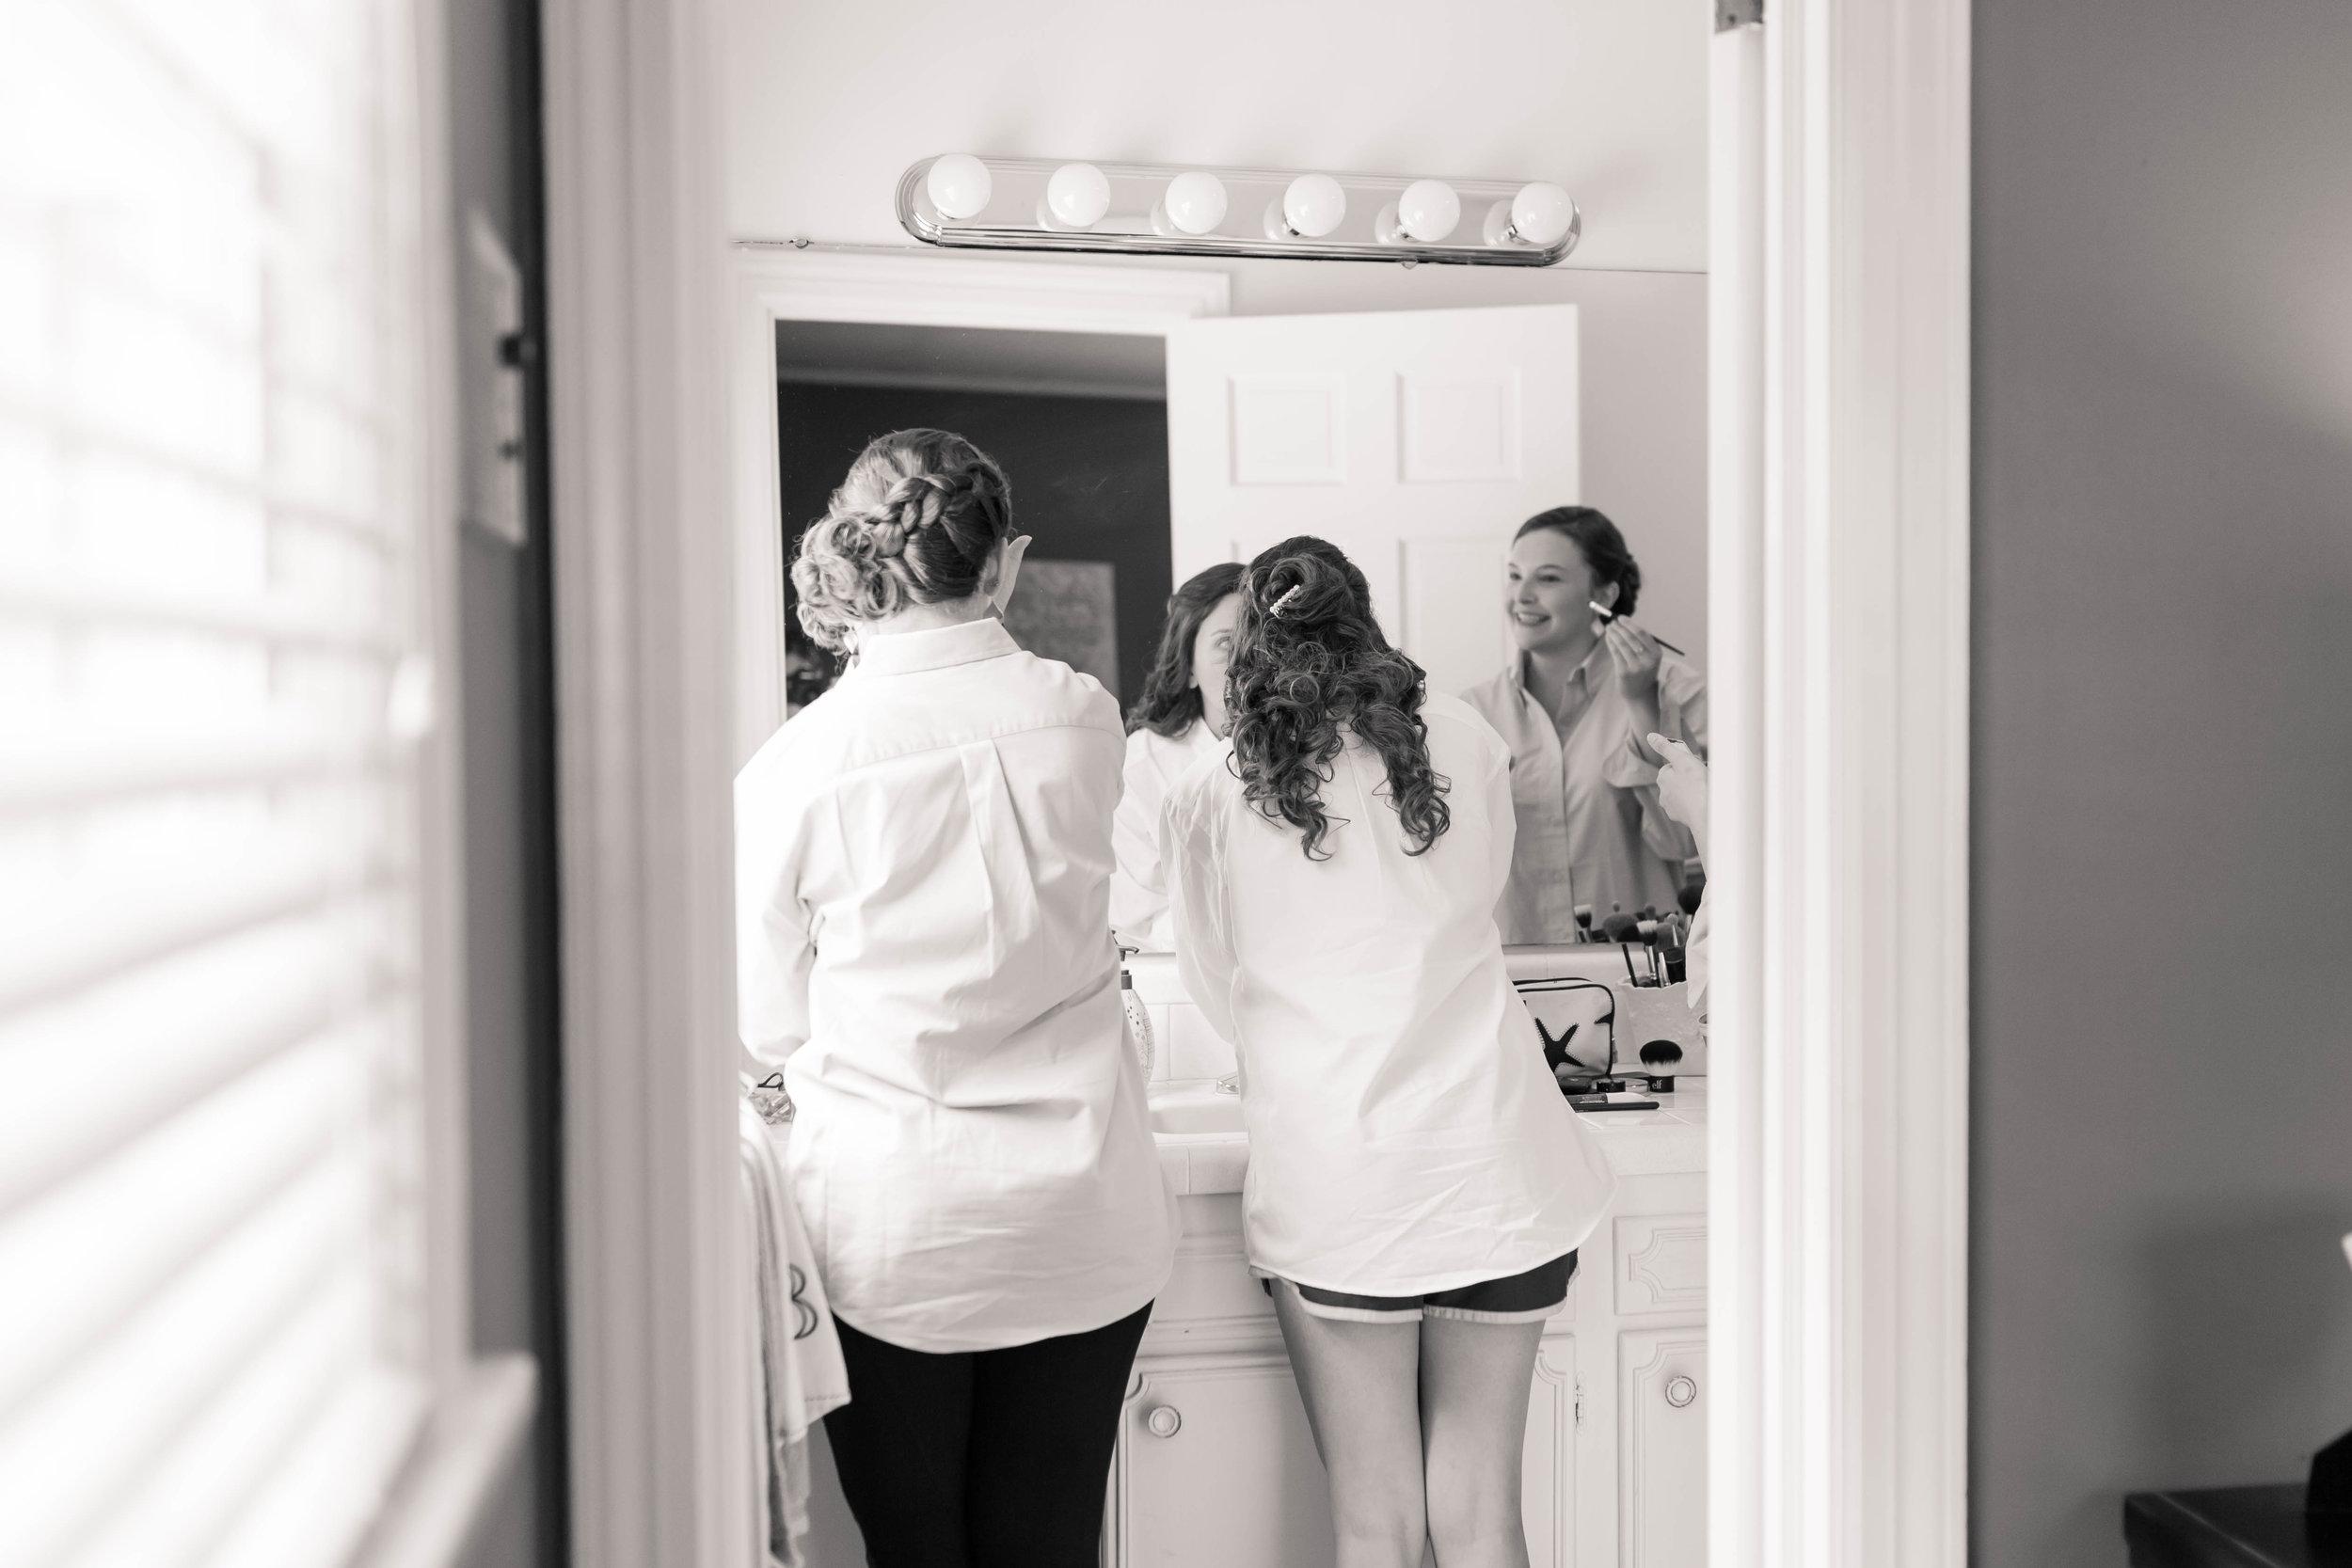 Amato_Girls Getting Ready_2.jpg